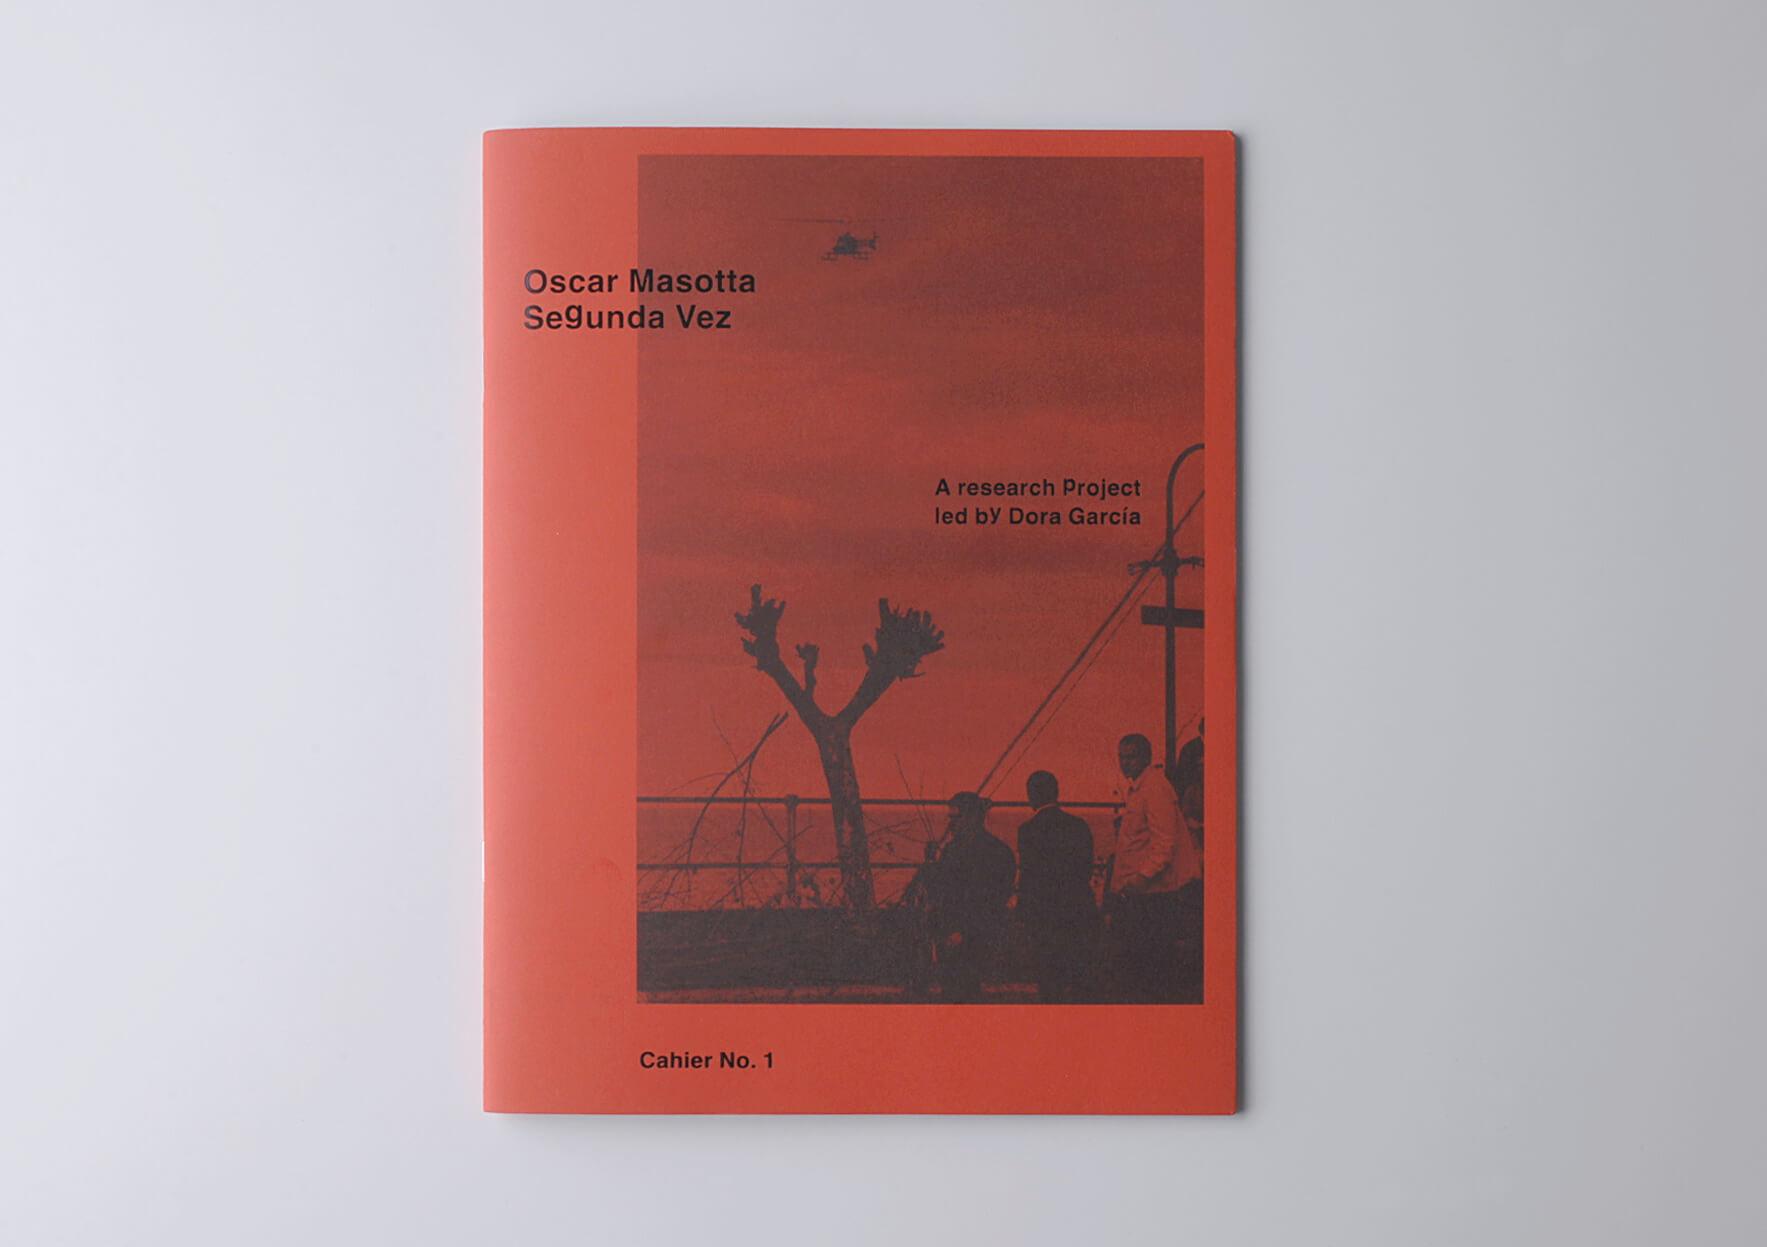 | Oscar Masotta: Segunda vez. Cahier No. 1 | ProjecteSD